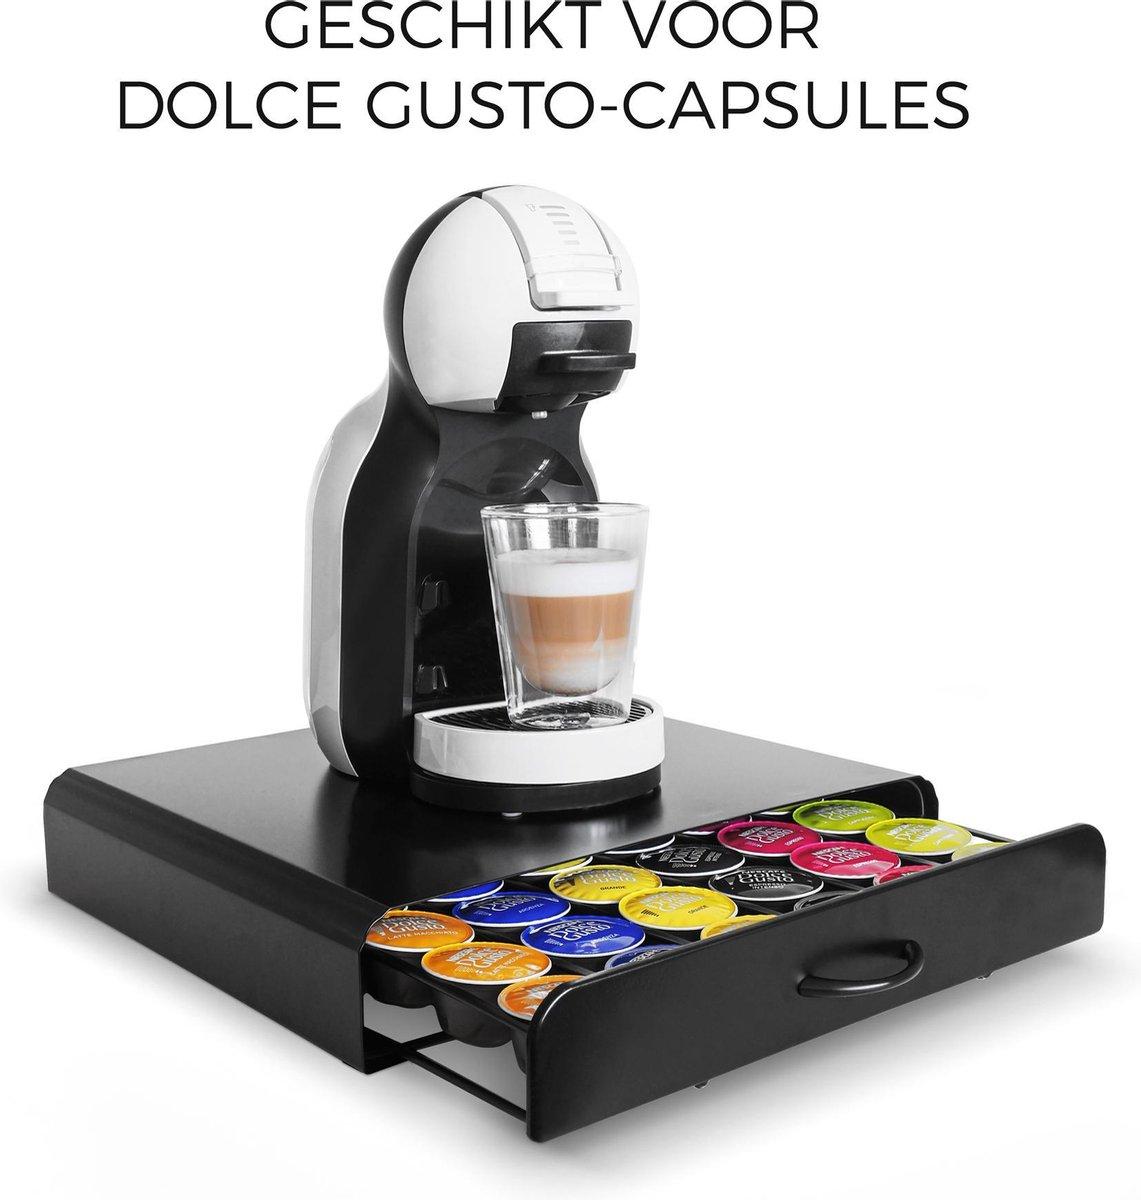 Gadgy Capsulehouder voor Dolce Gusto cups   Koffiecups houder met lade   Zwart - RVS - voor 36 cups